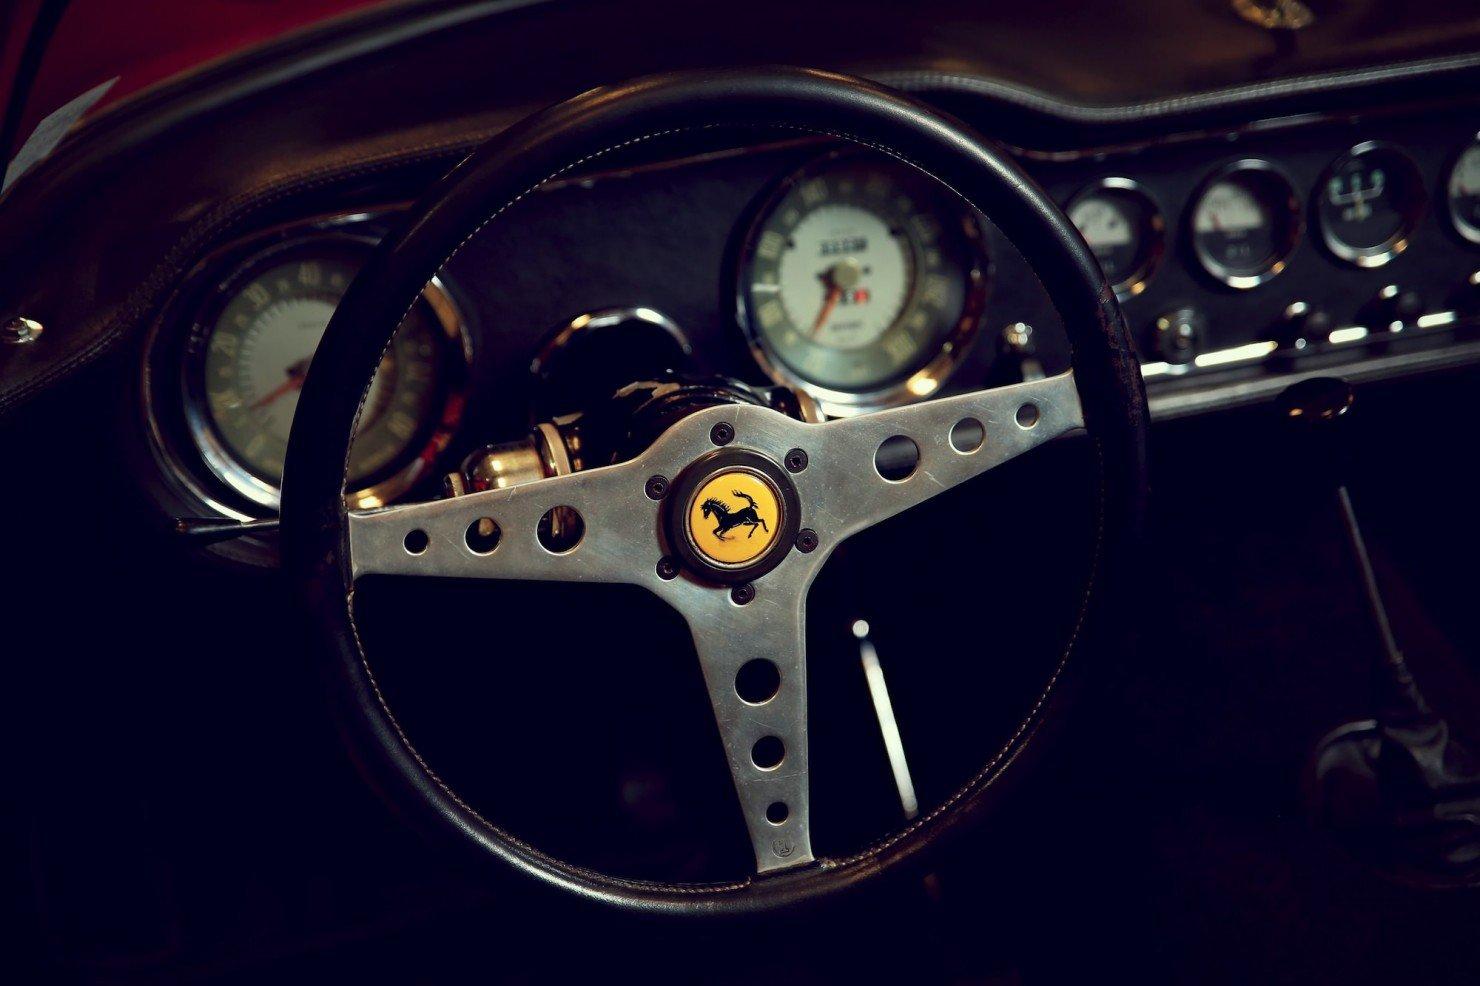 Ferrari 250 GT N.A.R.T. Spider by Fantuzzi 10